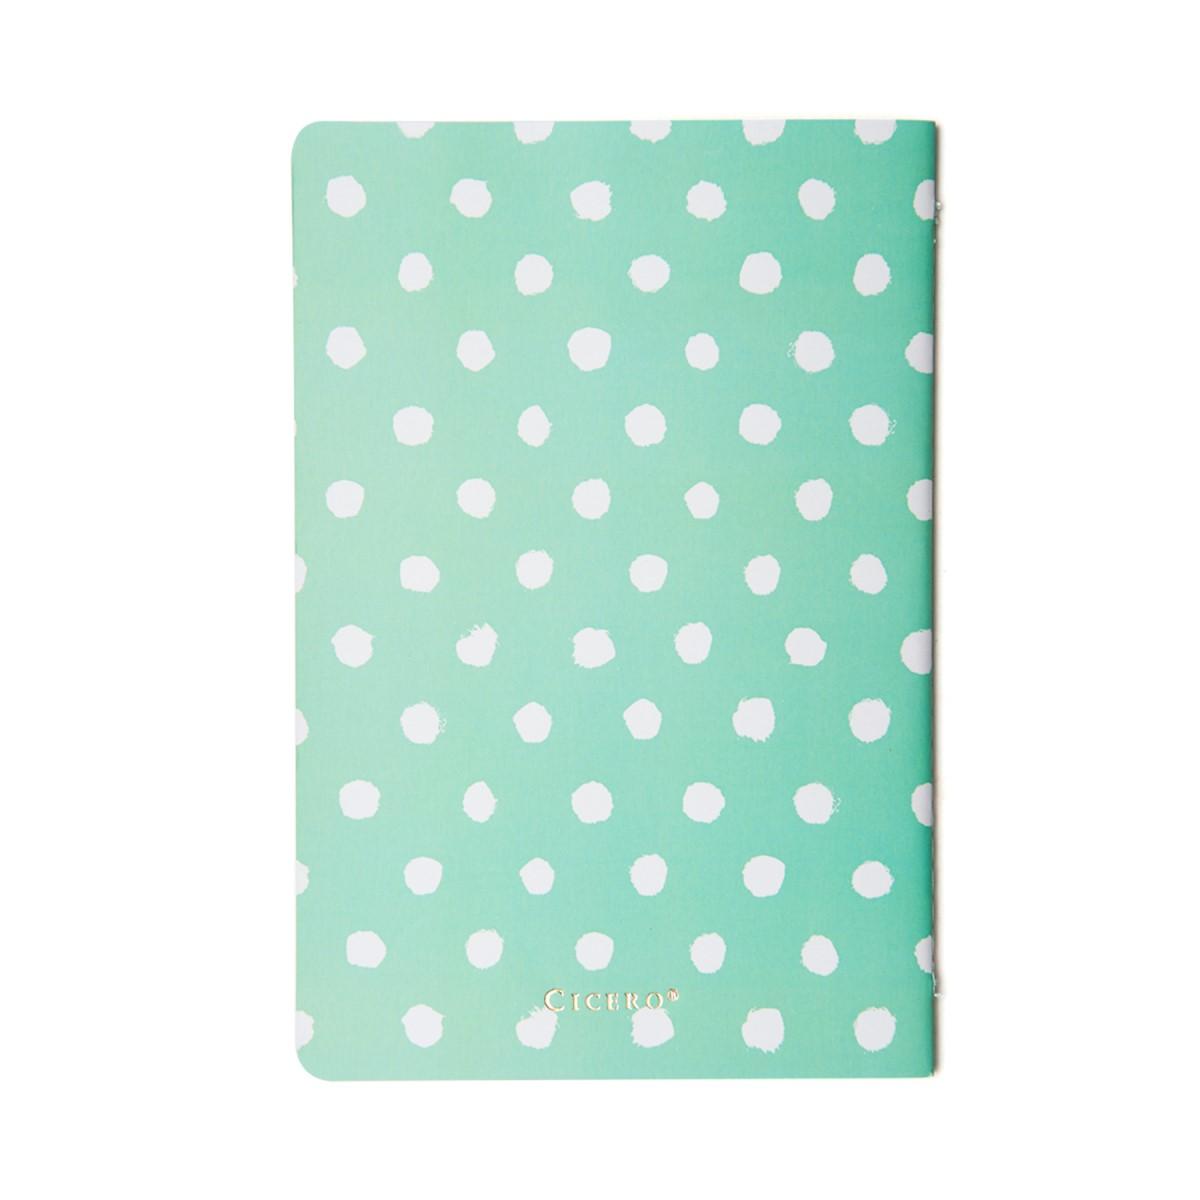 Caderneta Verde com Bolinhas Pastel